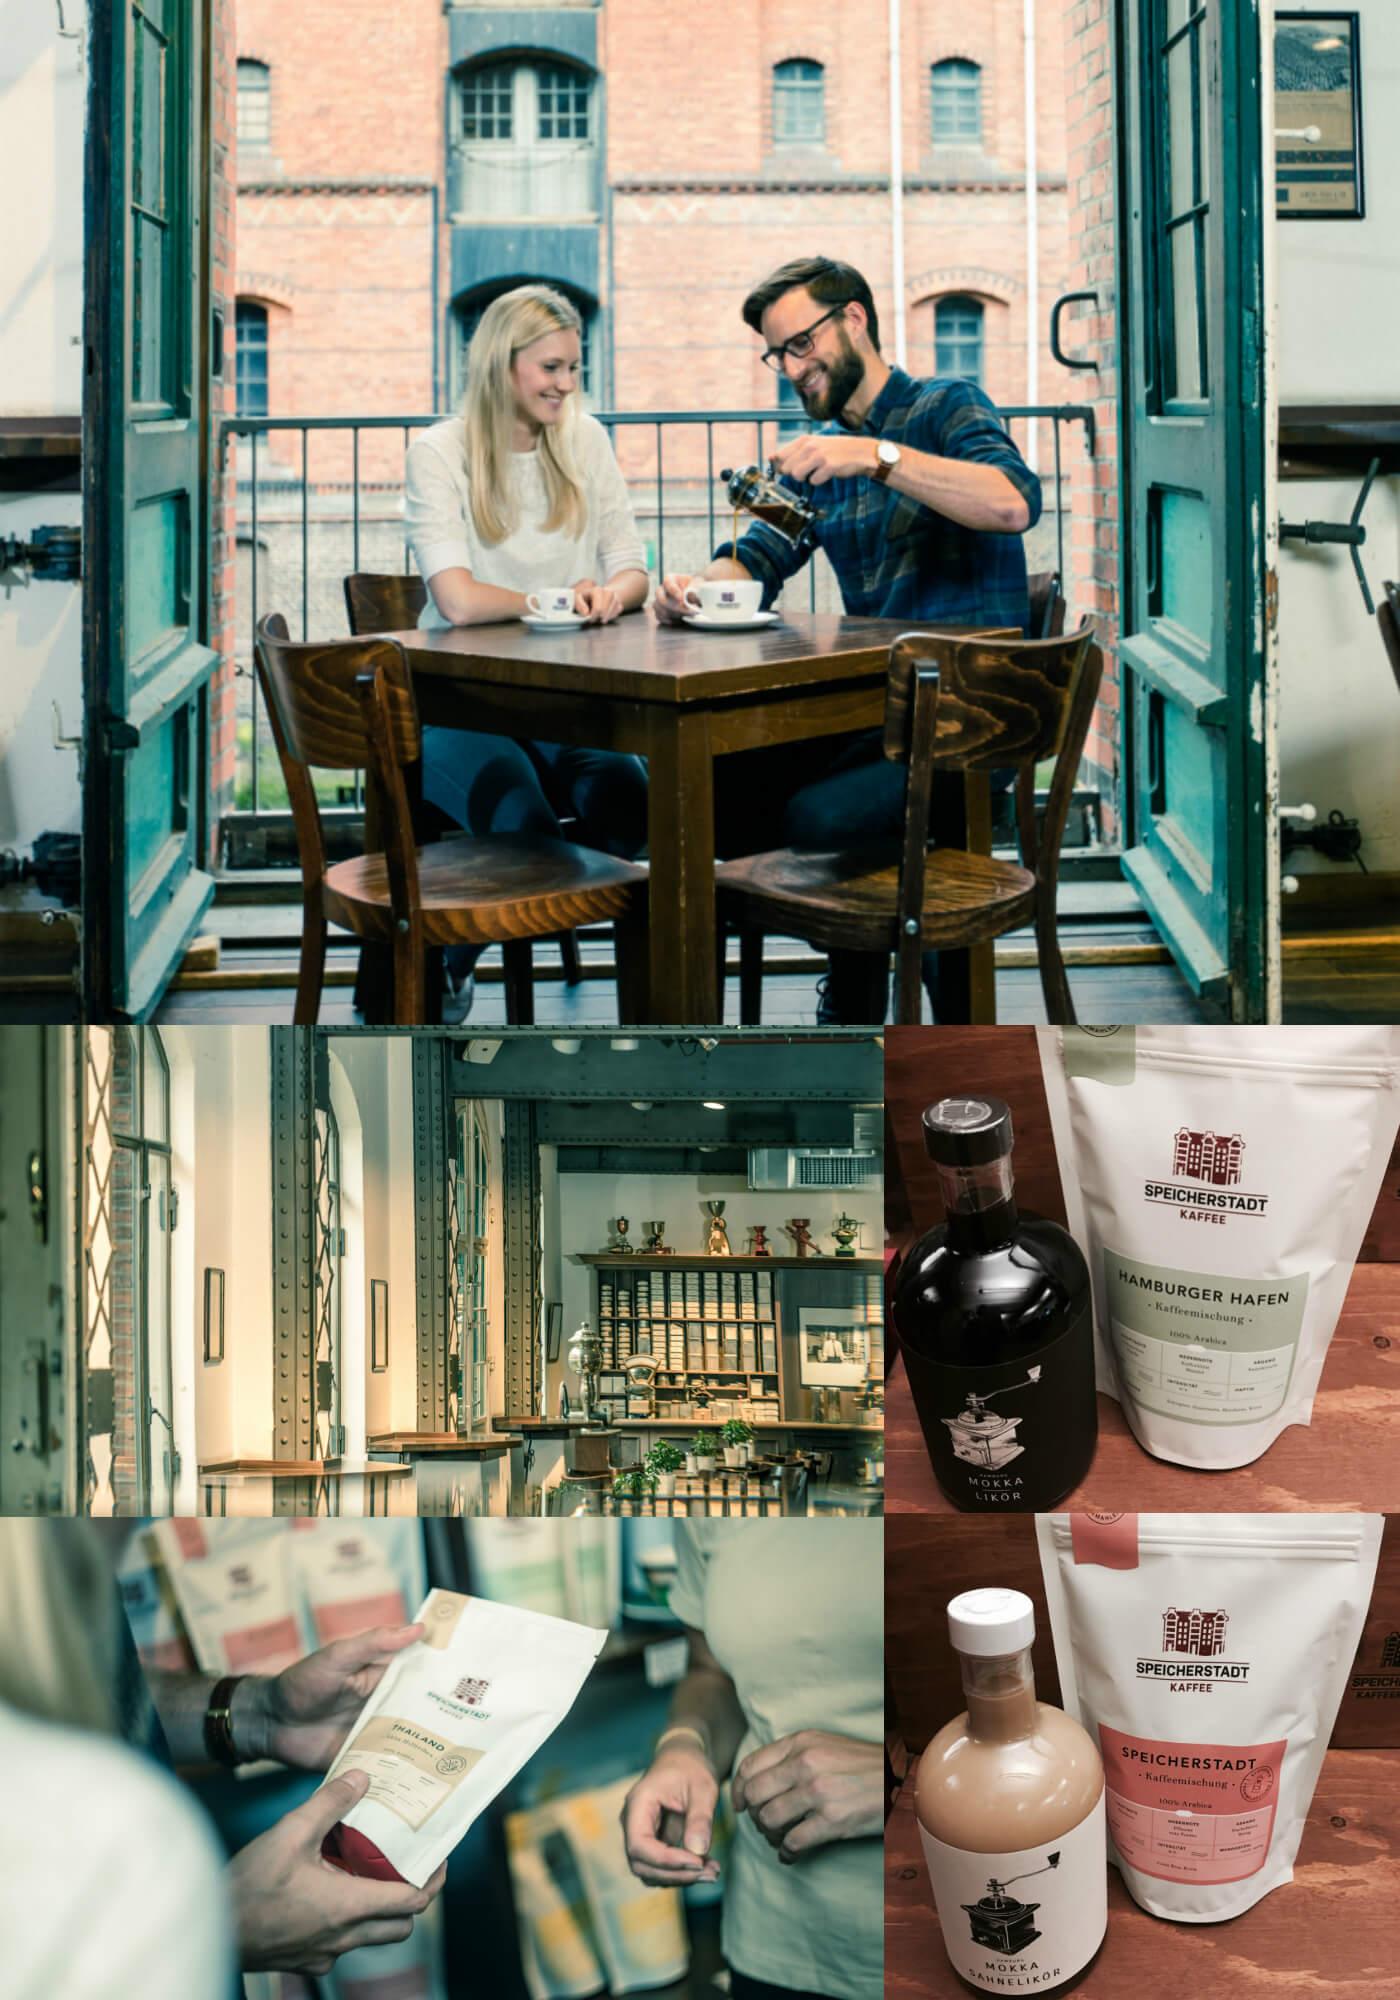 f r alle genie er verlosen wir 10x1 geschenkpaket der speicherstadt kaffeer sterei mit kaffee. Black Bedroom Furniture Sets. Home Design Ideas